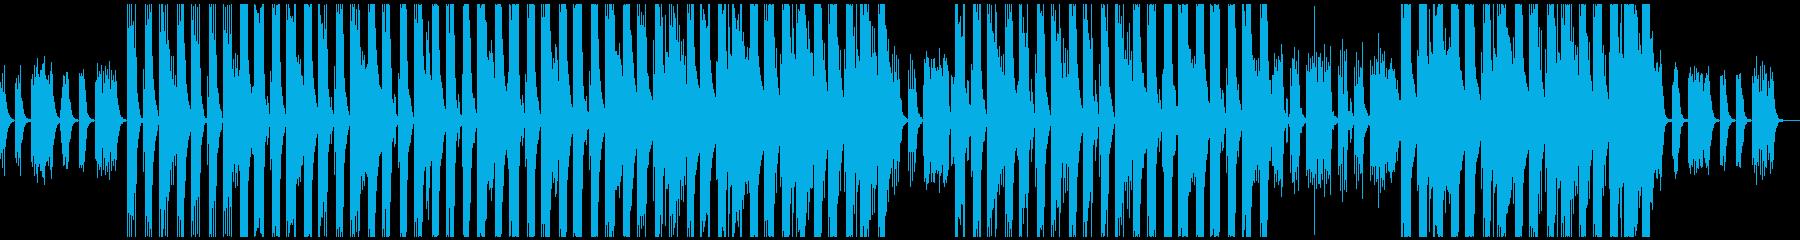 重低音のヒップホップトラックの再生済みの波形